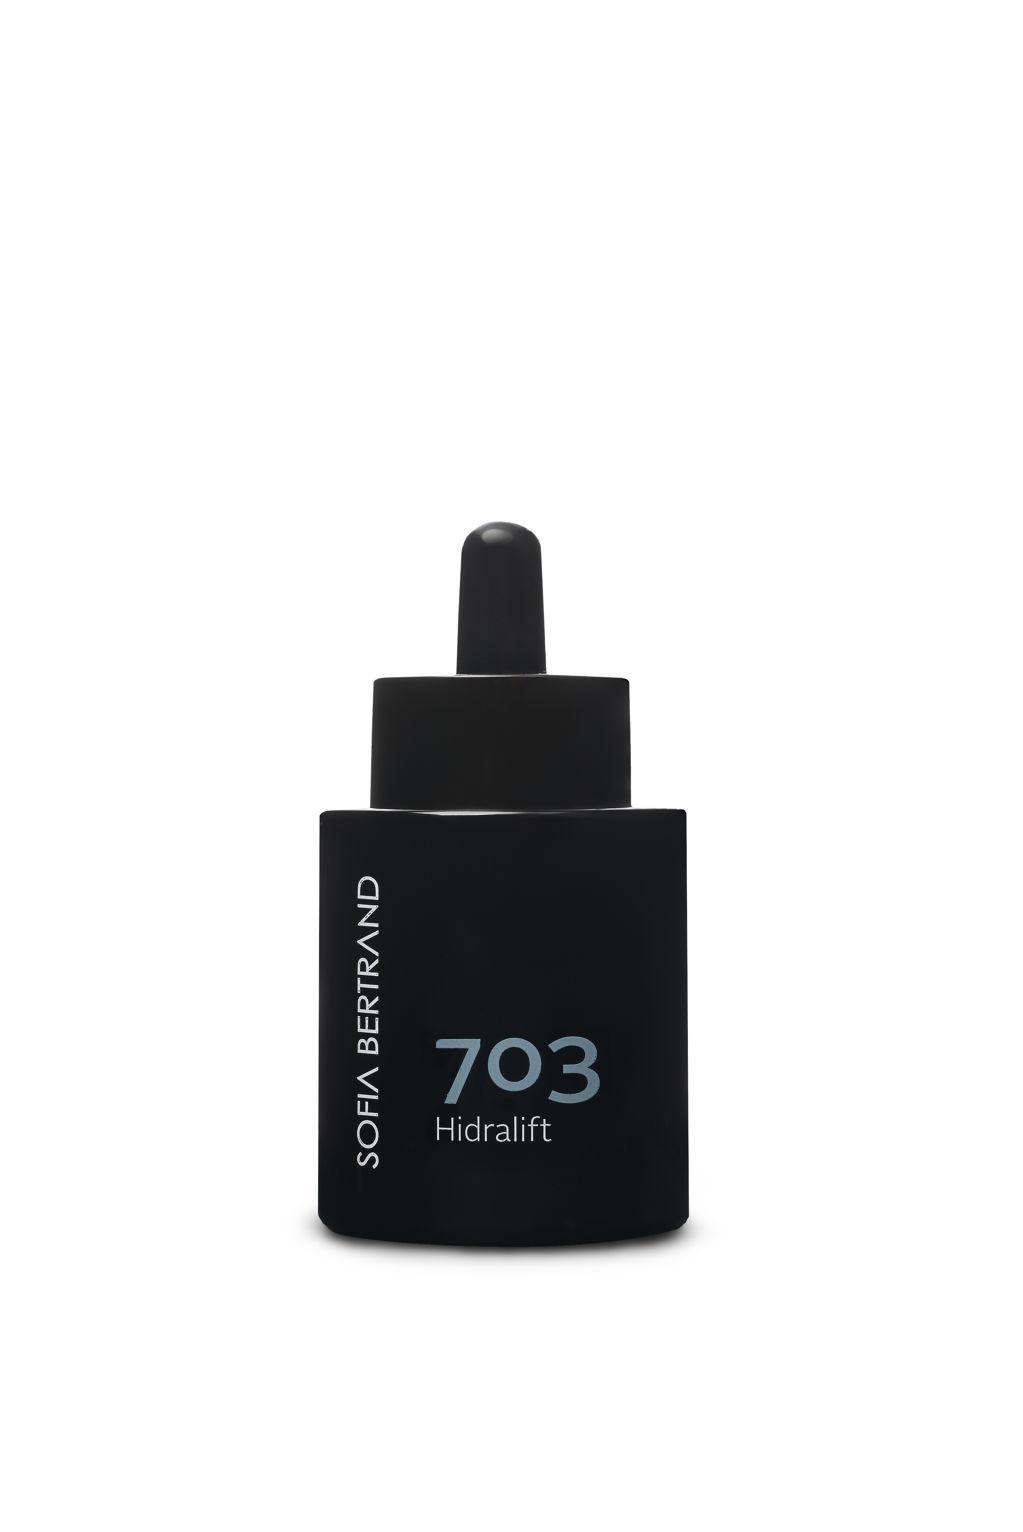 703 Hidralift (Sérum antiedad hidratante)